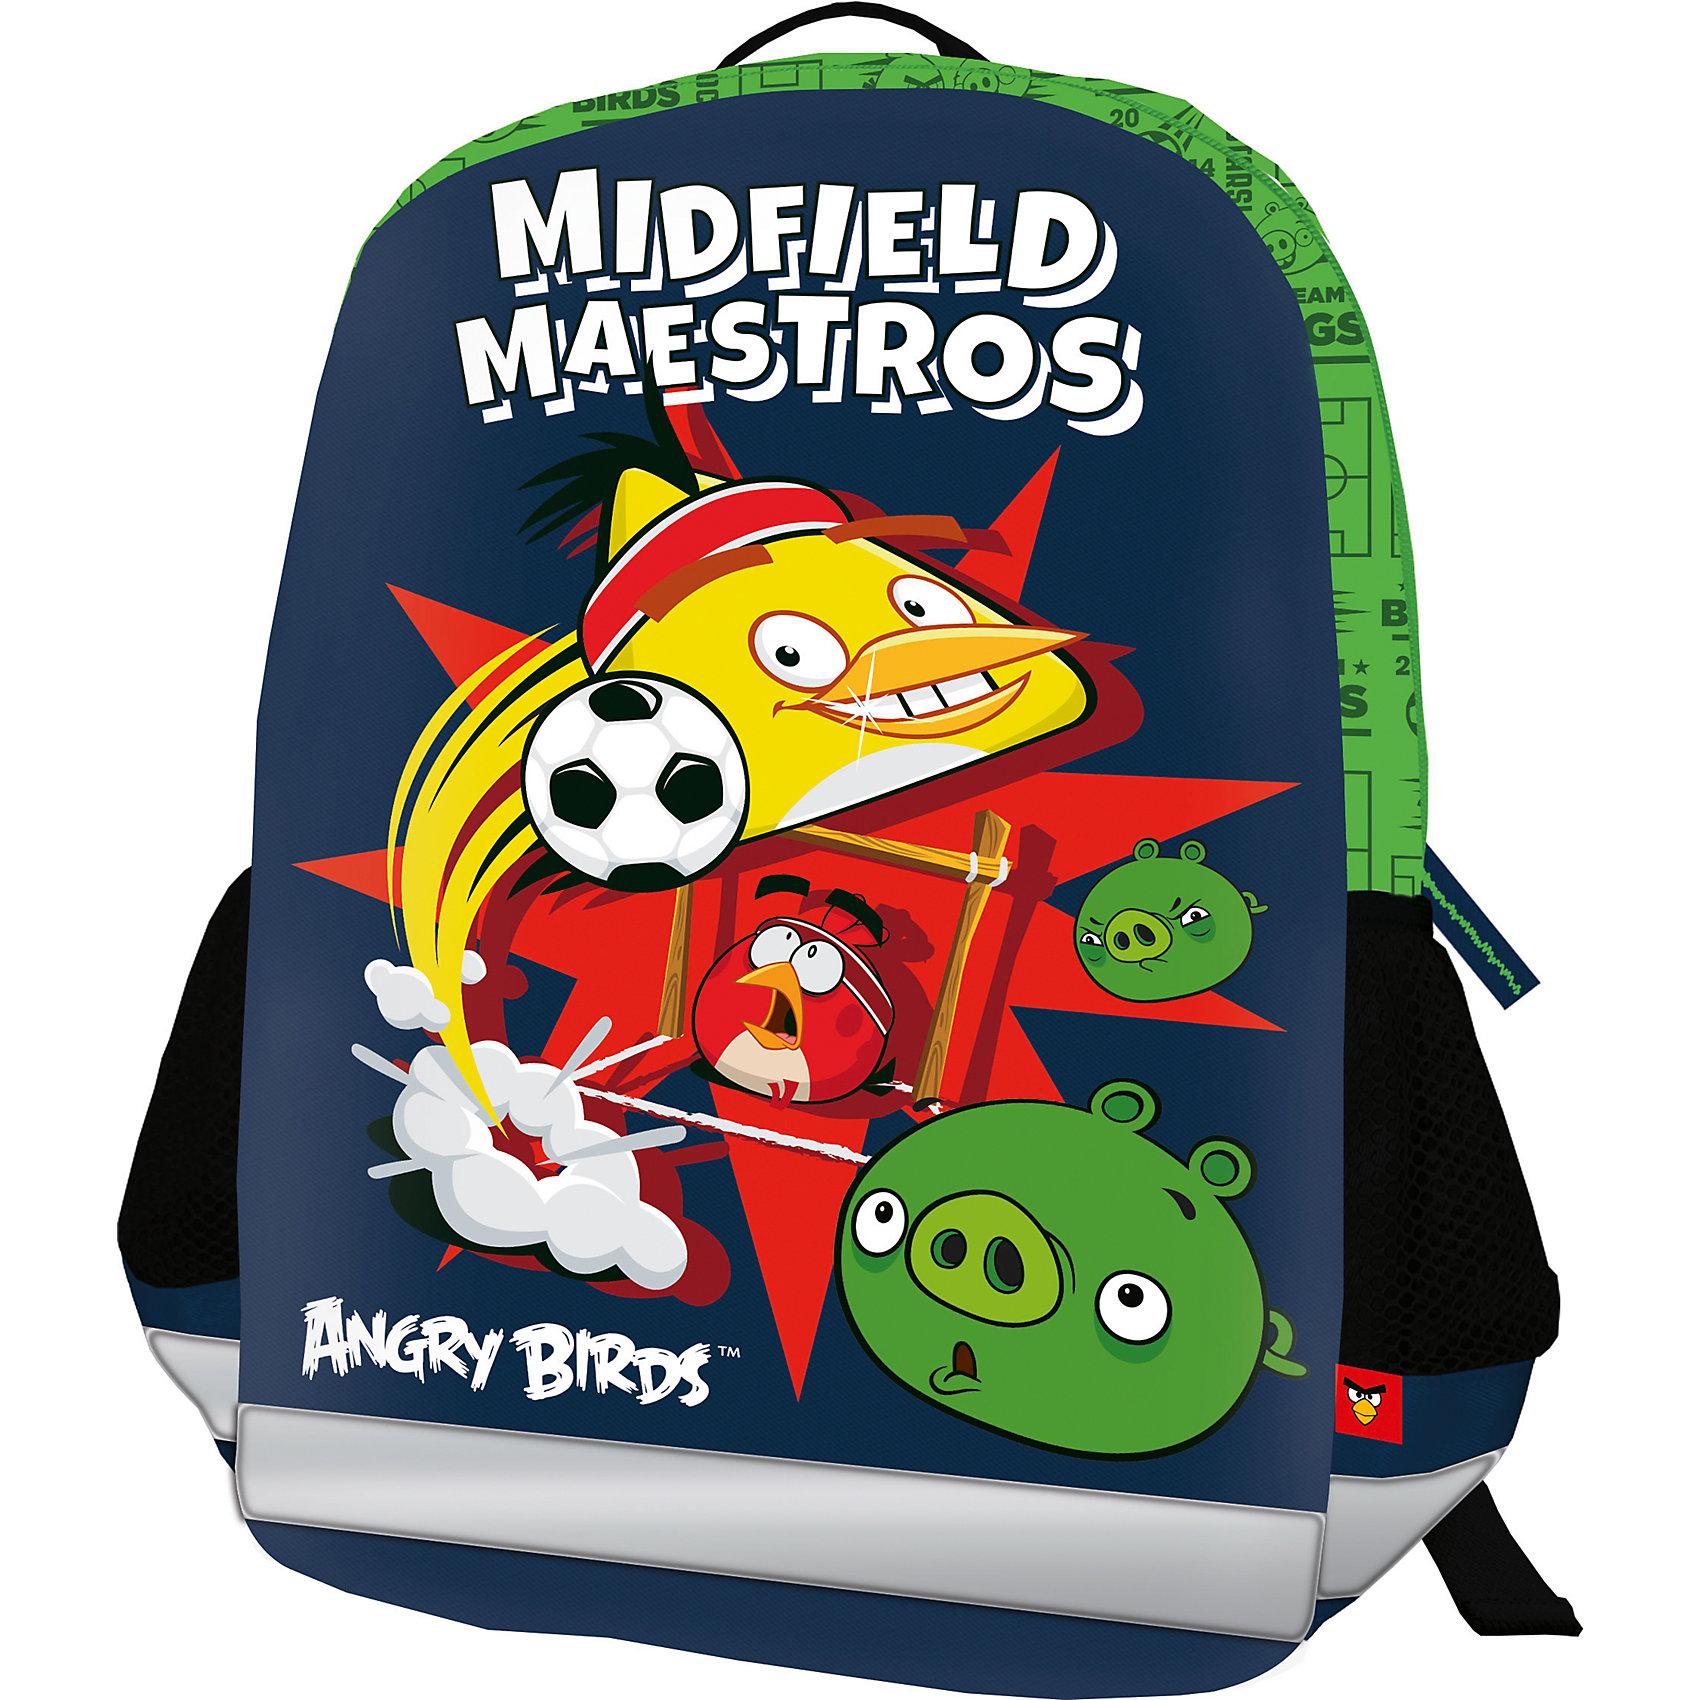 Школьный рюкзак Angry BirdsAngry Birds<br>Рюкзак, спинка мягкая, уплотненная поролоном, EVA фронтальная панель. Одно вместительное отделение с двумя карманами с утягивающей резинкой. По бокам расположены карманы из воздухообменного материала. Дно рюкзака мягкое, лямки S-образной формы с поролоном и воздухообменным сетчатым материалом, регулируются по длине. Рюкзак оснащен текстильной ручкой.<br><br>Дополнительная информация:<br><br>Размер: 36 х 28 х 12 см. Рюкзак каркасный, фронтальная панель из EVA. Одно вместительное отделение с двумя карманами с утягивающей резинкой. Два боковых кармана.<br><br>Каркасный рюкзак Angry Birds (Энгри Бердс) можно купить в нашем магазине.<br><br>Ширина мм: 360<br>Глубина мм: 280<br>Высота мм: 120<br>Вес г: 361<br>Возраст от месяцев: 72<br>Возраст до месяцев: 144<br>Пол: Мужской<br>Возраст: Детский<br>SKU: 4140979